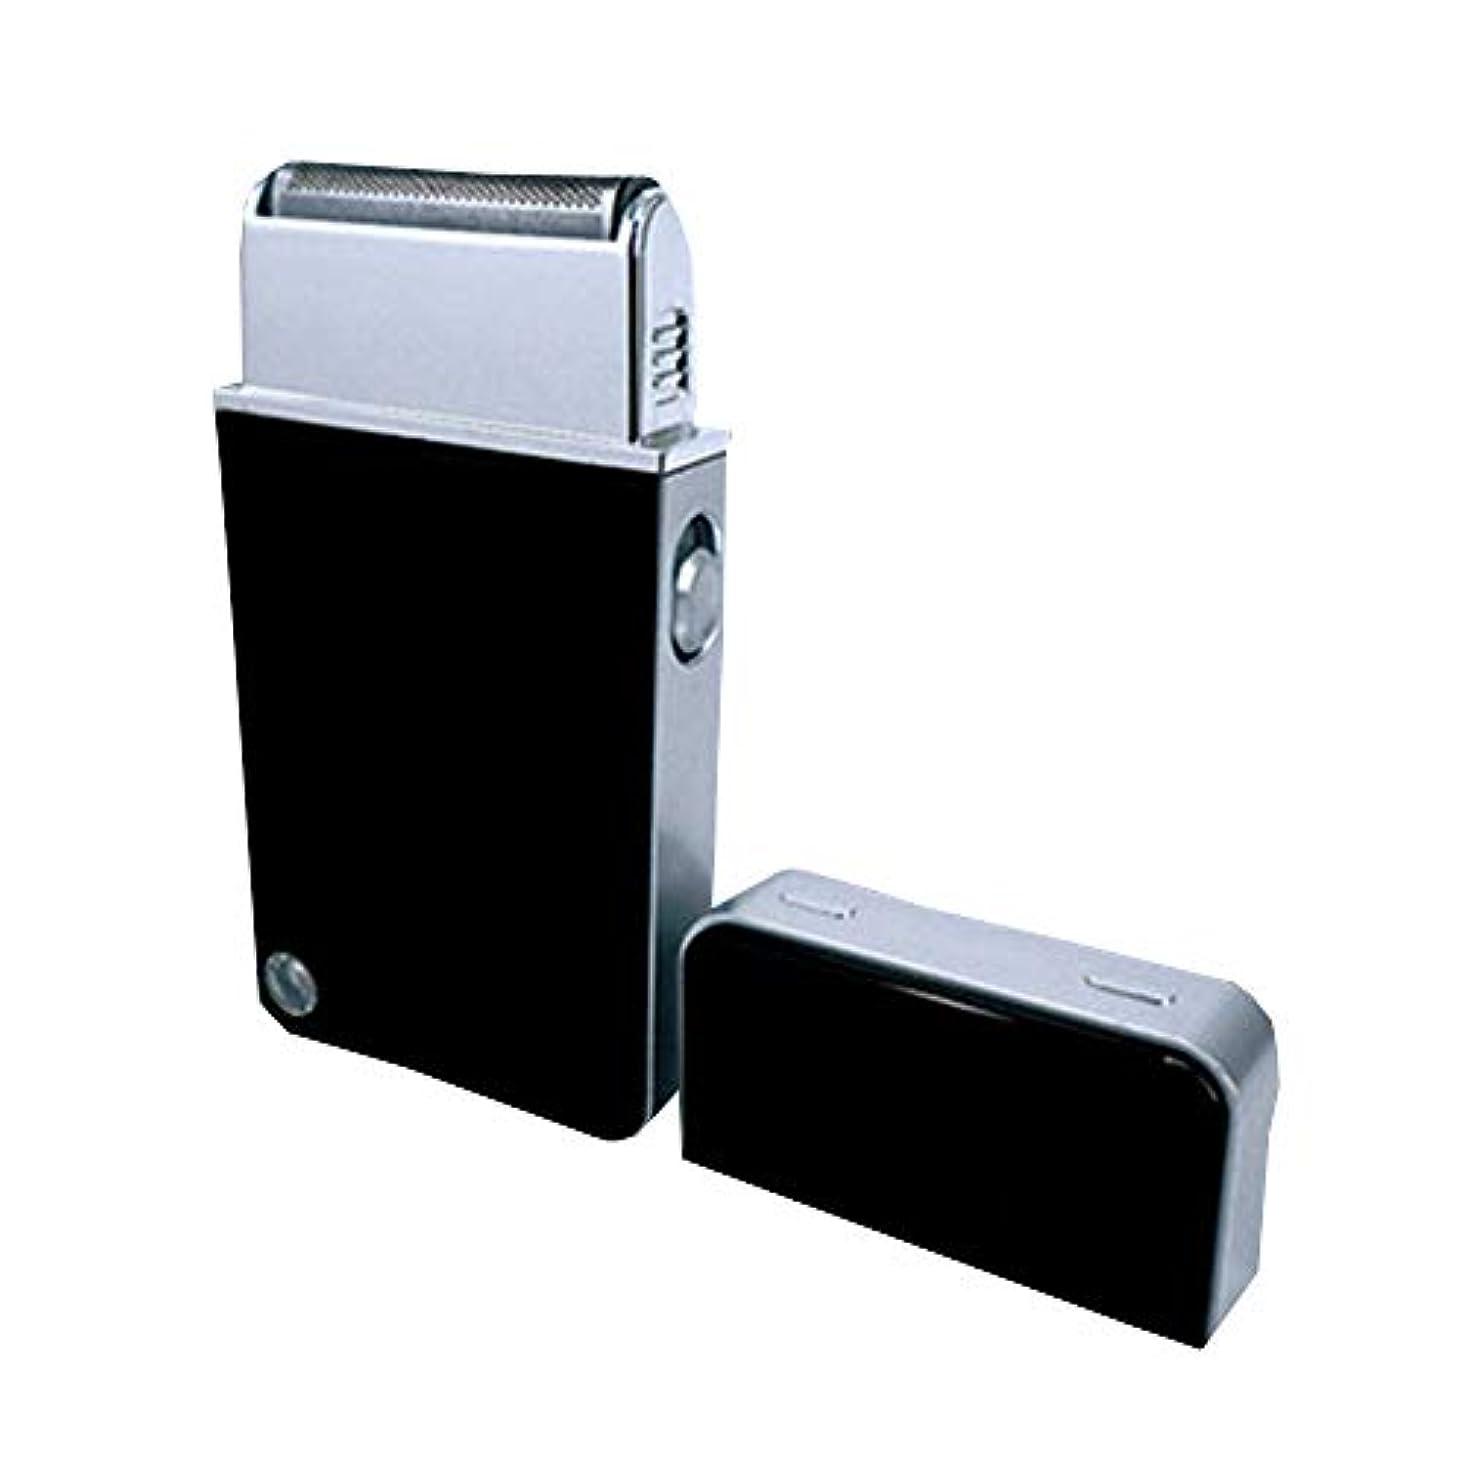 厚い手レルムメンズシェーバー USB充電式 電気シェーバー ひげ剃り コンパクト 携帯用シェーバー 旅行用 軽量 ギフトCSH004